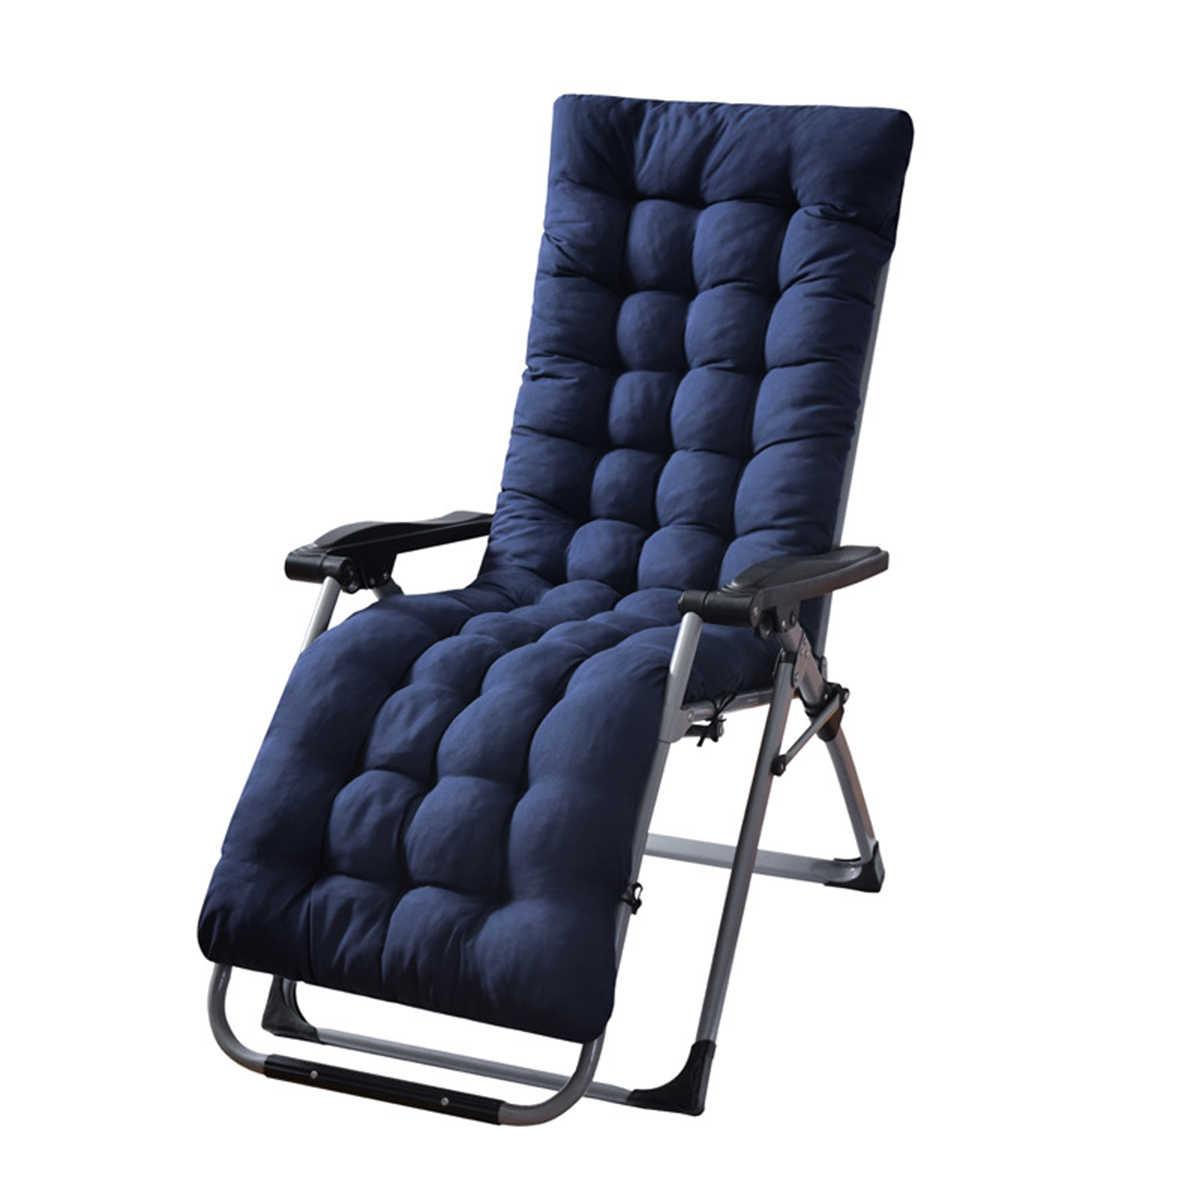 170*53*8cm solide long coussin tapis pour inclinable à bascule chaise en rotin pliant épais jardin soleil salon siège coussin canapé Tatami tapis